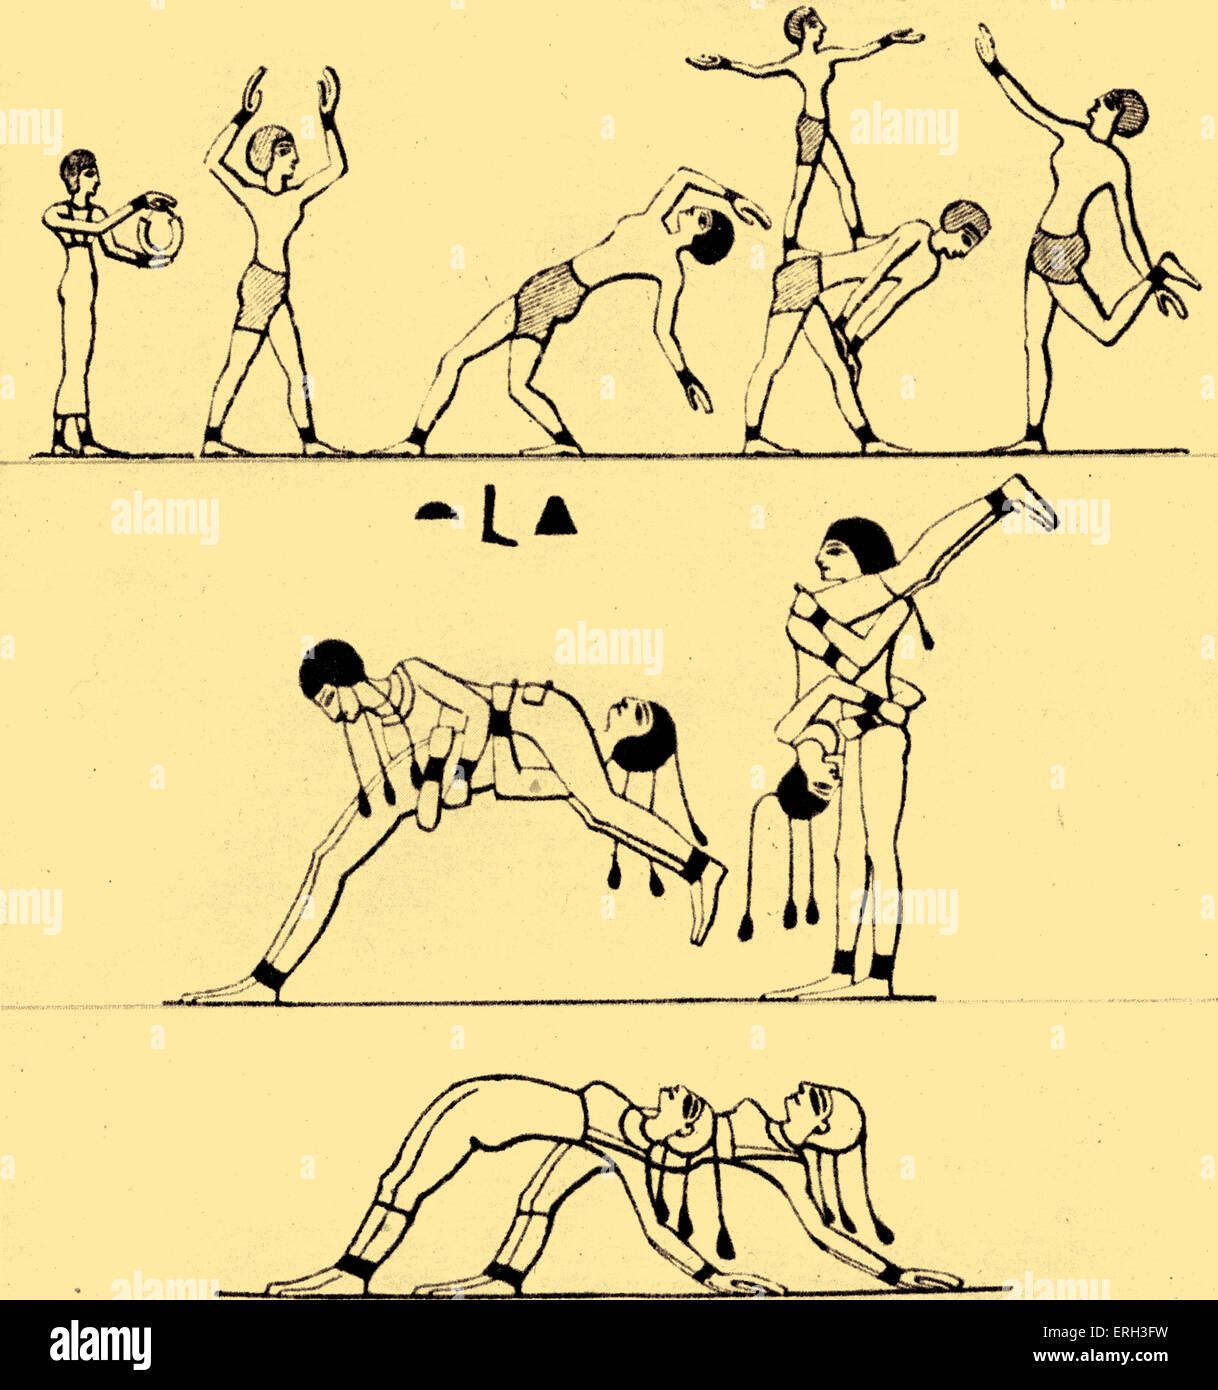 Alte ägyptische Becher / Akrobaten darstellende Akrobatik.  Stich nach einem ägyptischen Fresko. Stockbild